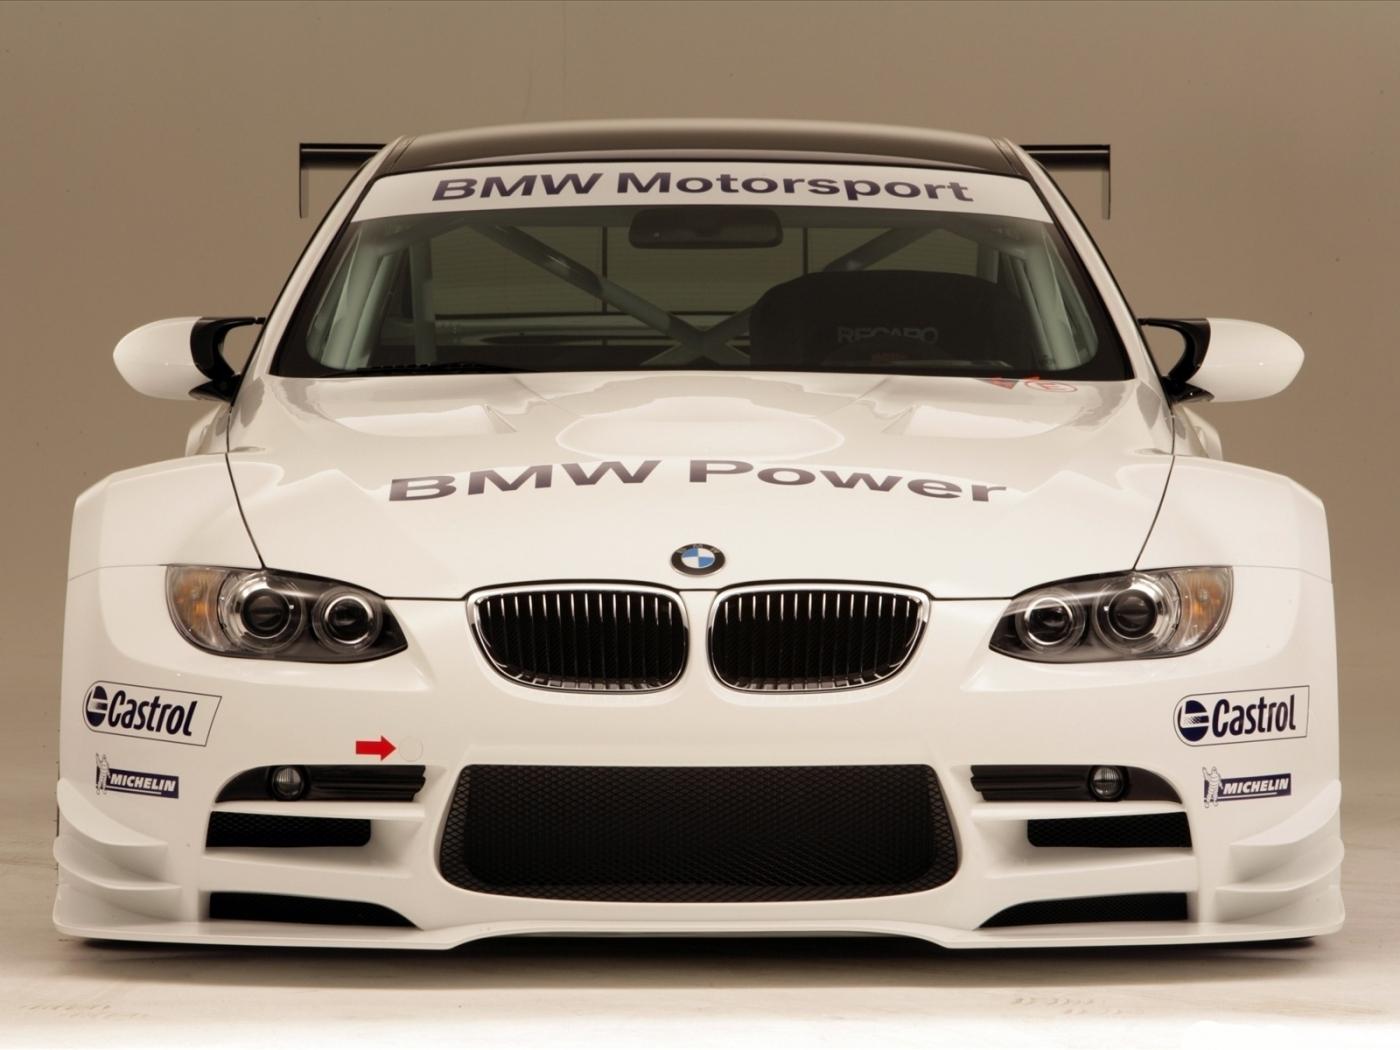 45087 скачать обои Транспорт, Машины, Бмв (Bmw) - заставки и картинки бесплатно